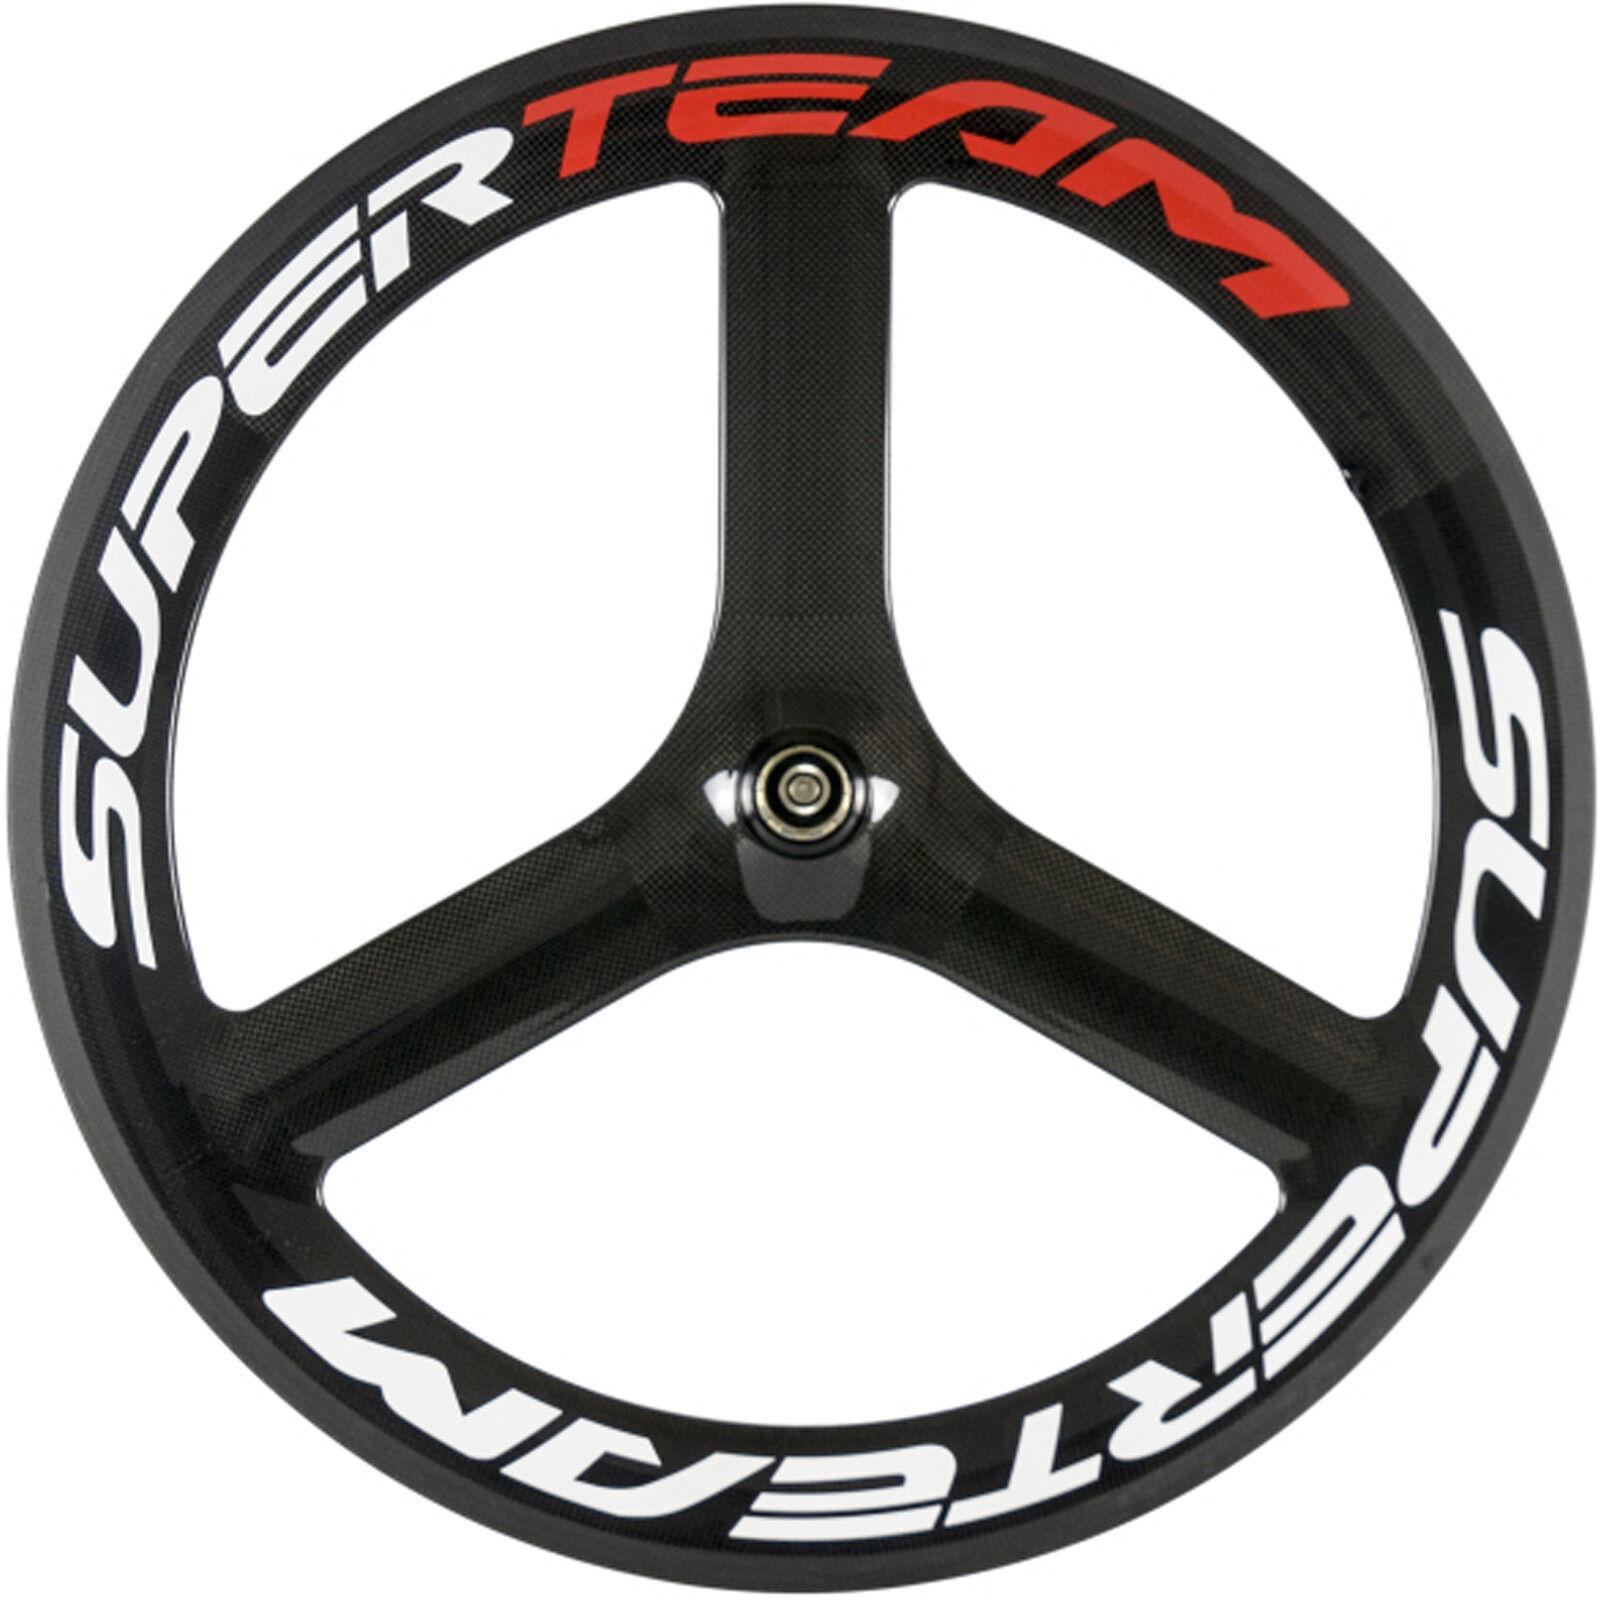 700C Carbon 3 Spoke  Wheel Road Bike Front Tri Spoke 65mm Tri Spoke Bicycle Wheel  free shipping worldwide